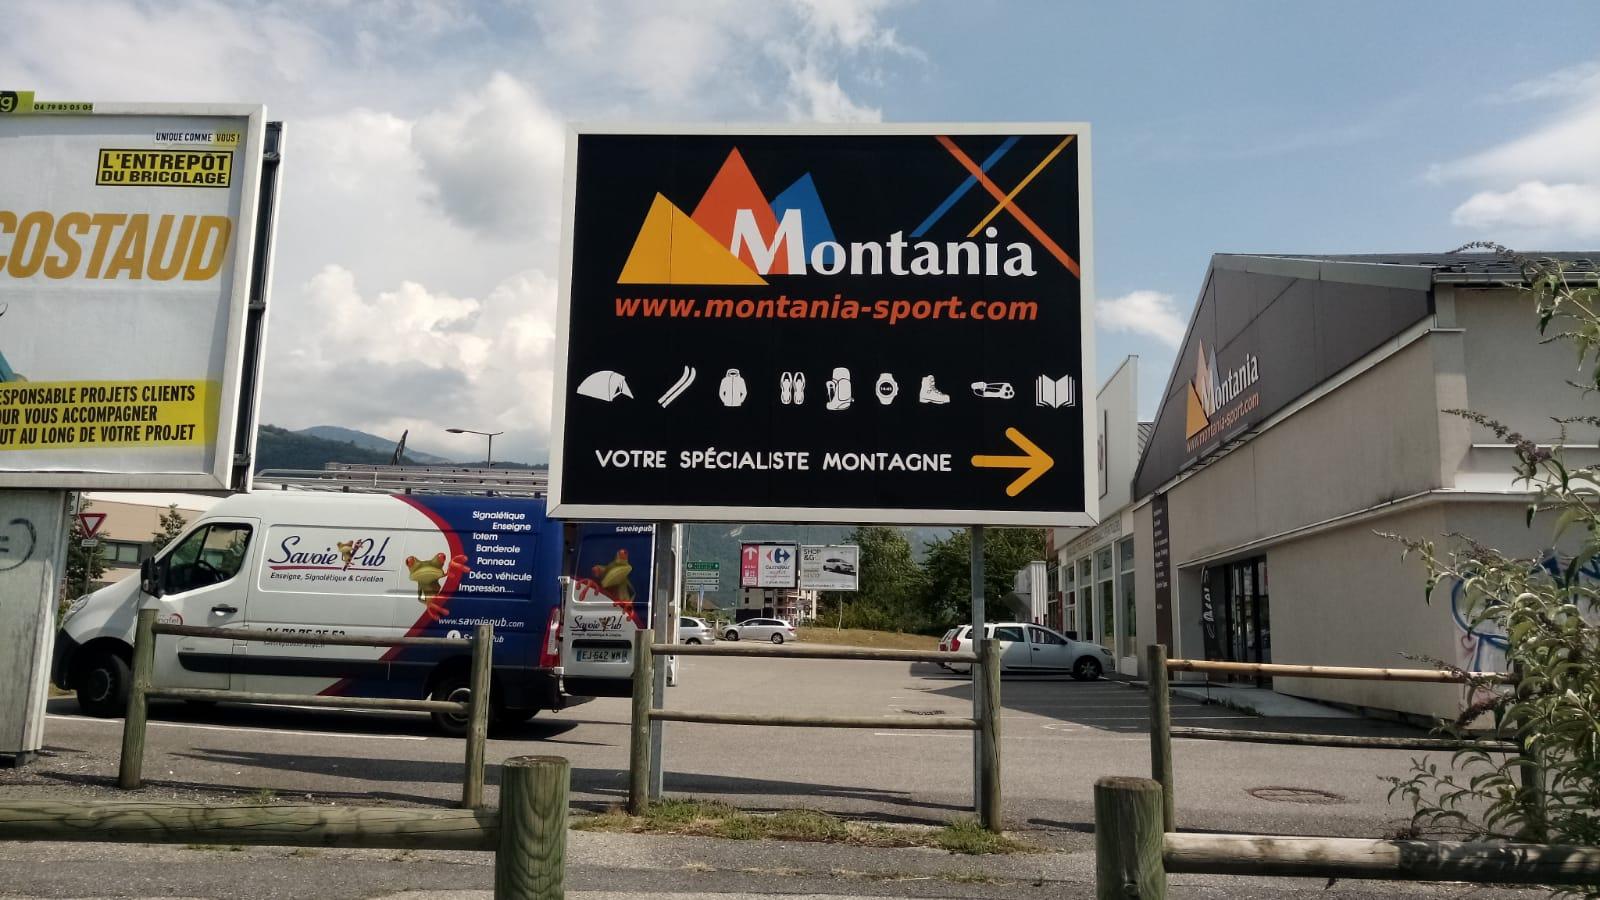 SIGNALÉTIQUE - PANNEAU 4X3 - MONTANIA SPORT - SAINT-ALBAN-LEYSSE- SAVOIE PUB